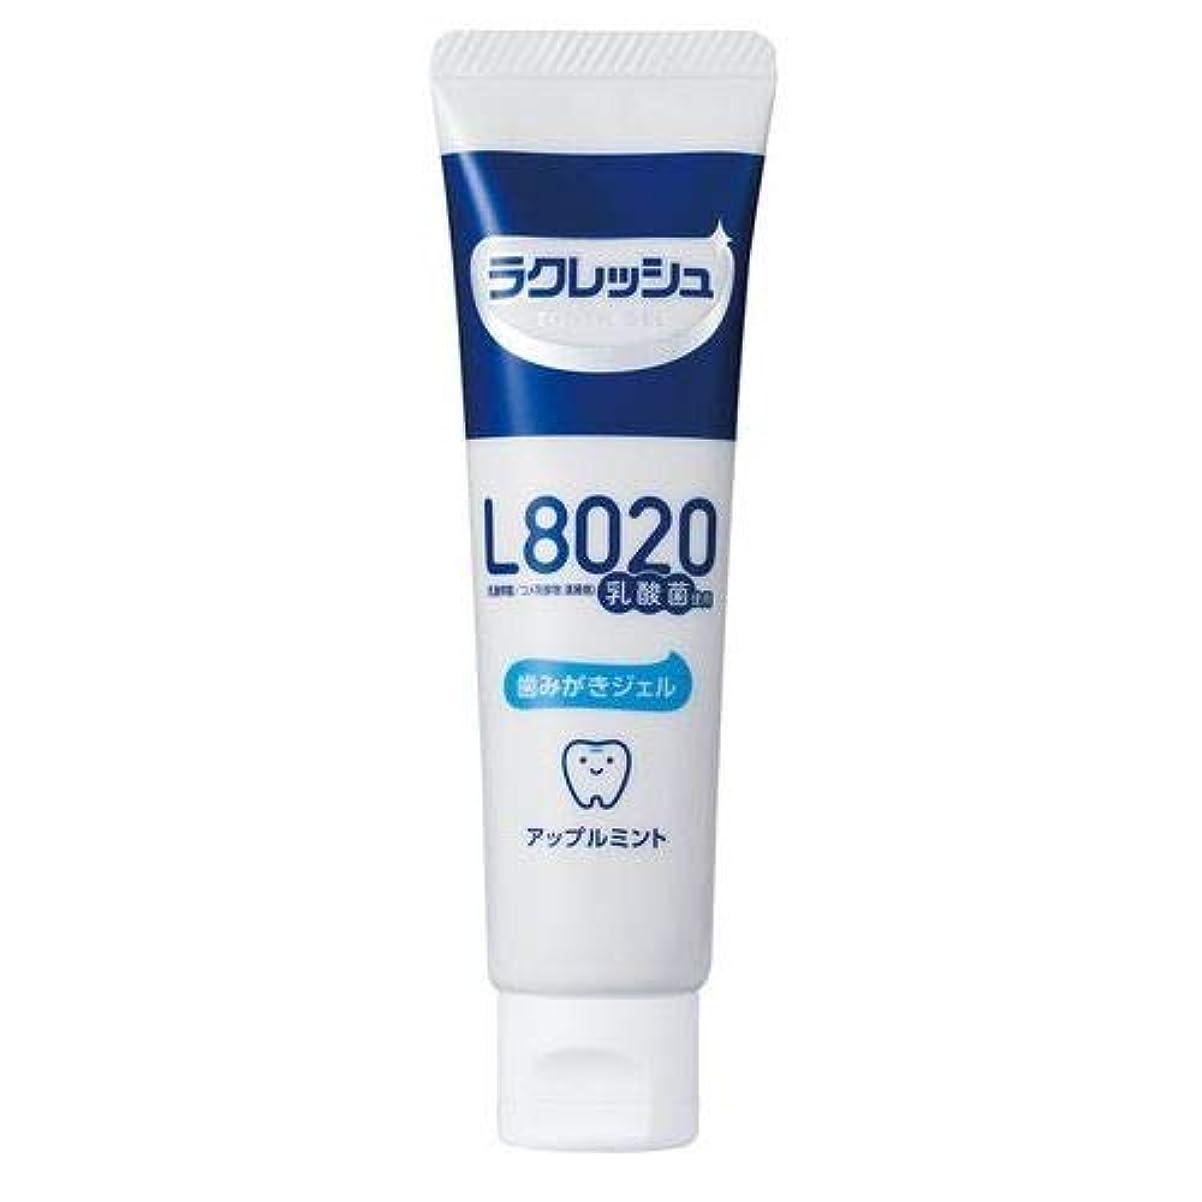 ハードリング空白否認する【50個セット】L8020乳酸菌 ラクレッシュ 歯みがきジェル 994918